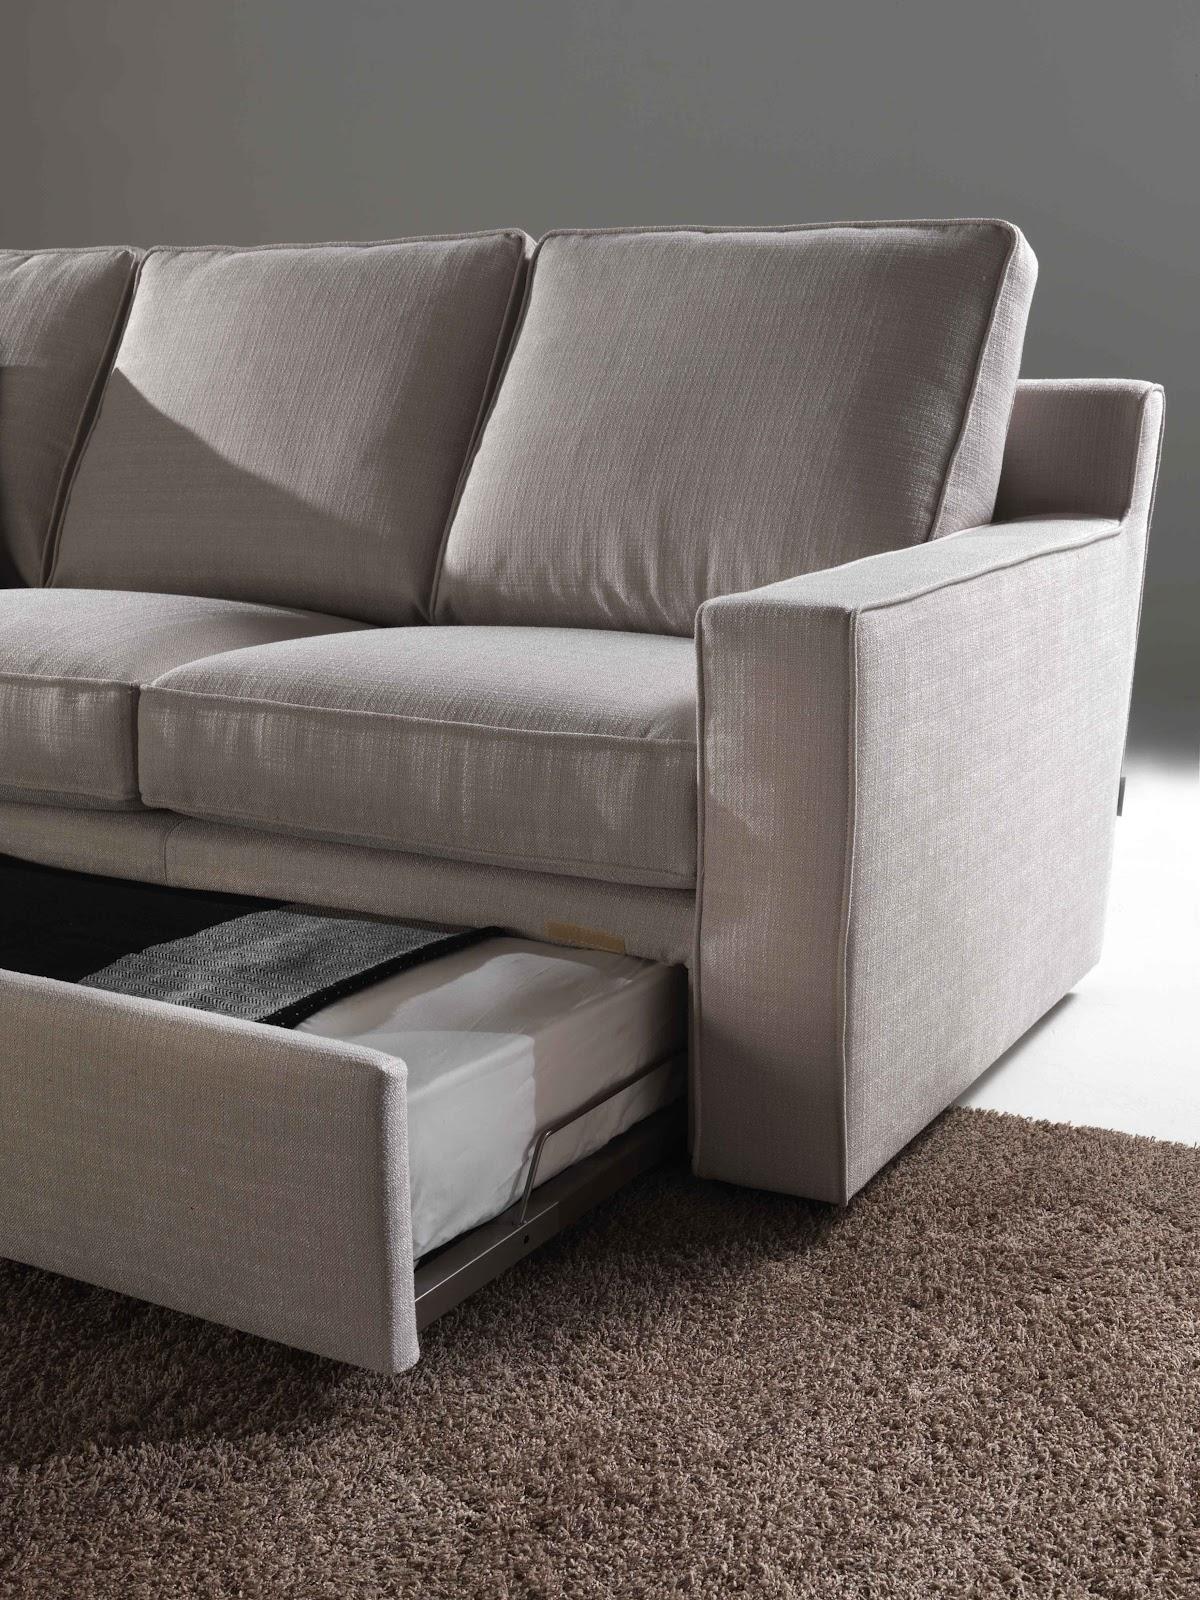 Santambrogio Salotti produzione e vendita di divani e